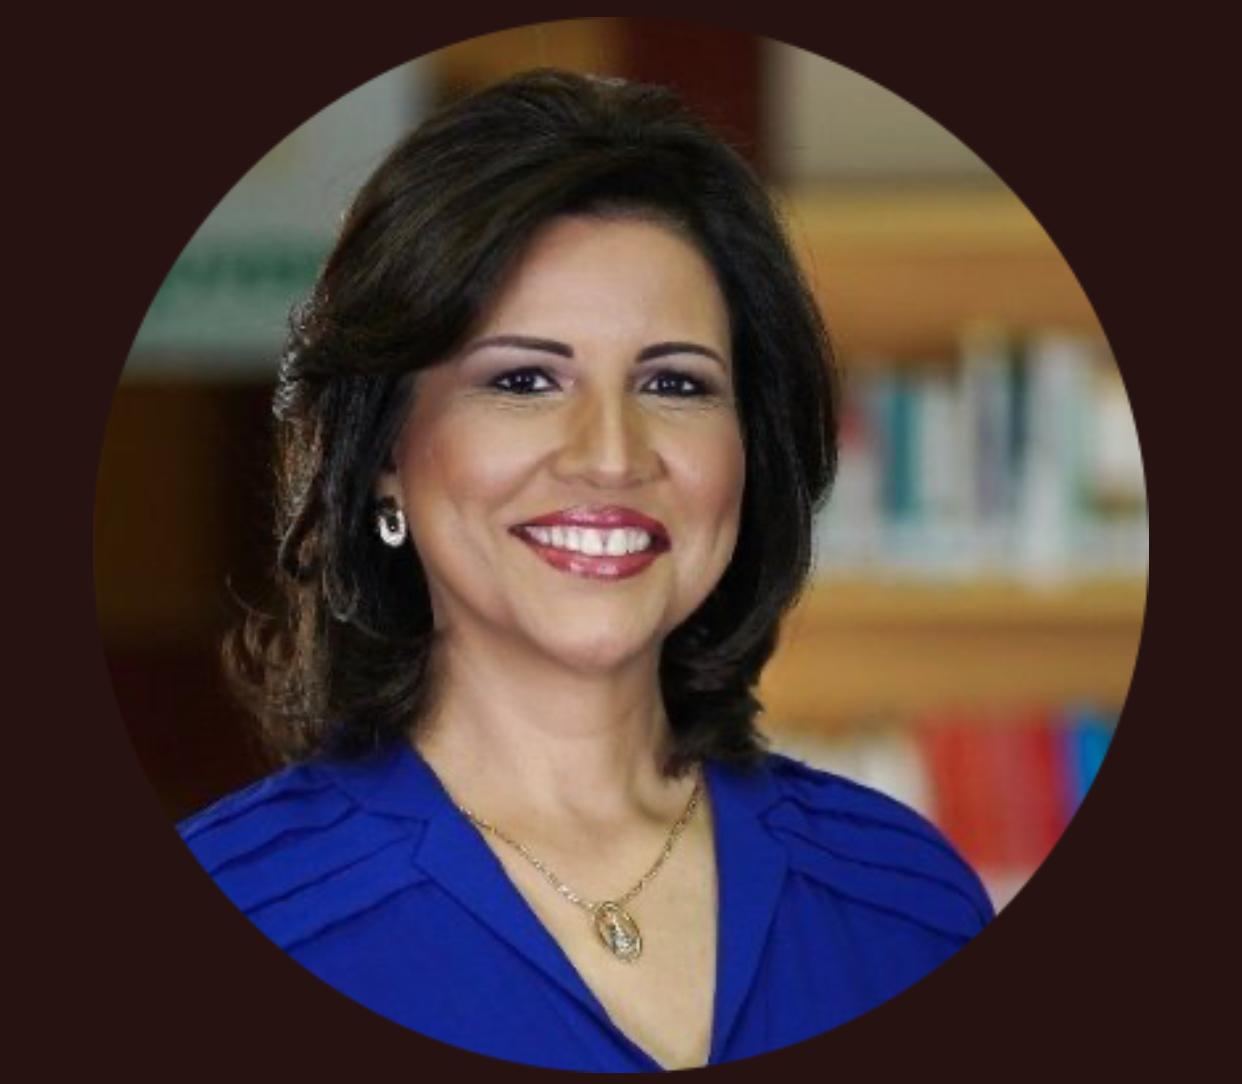 Margarita Cedeño felicita a Leonel Fernández por su cumpleaños